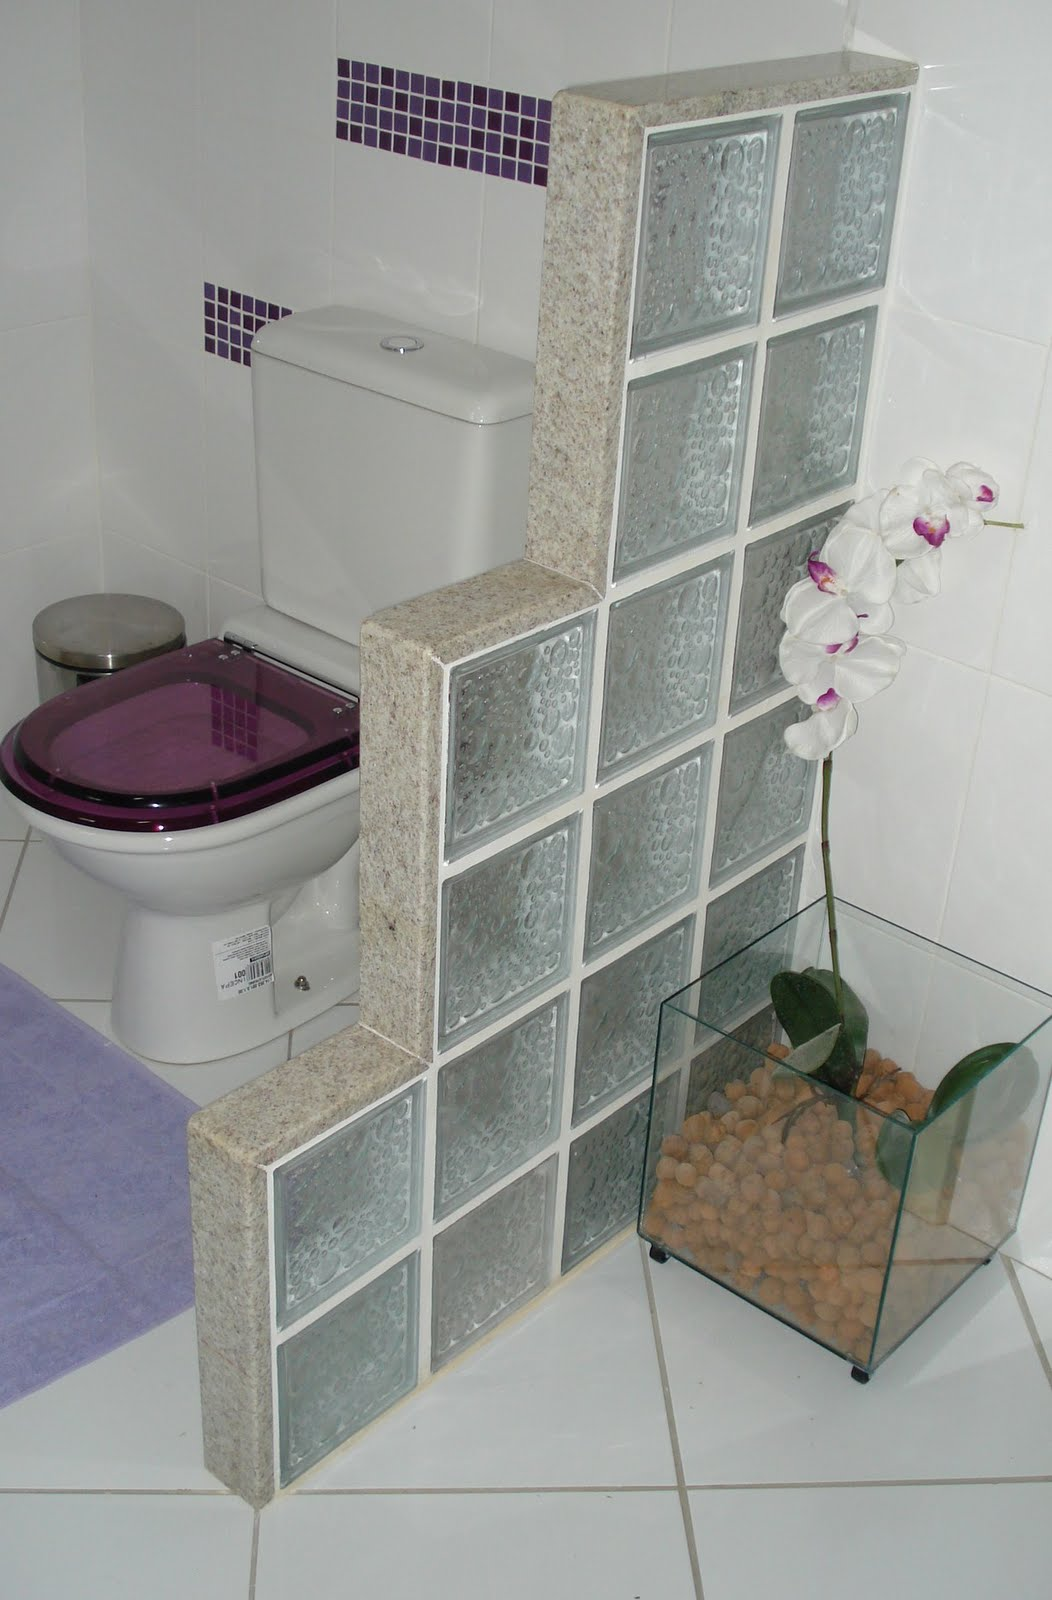 Divisoria de Banheiro e Pia de banheiro Branco Siena Marmoraria MPK #73614C 1052x1600 Banheiro Com Granito Branco Siena